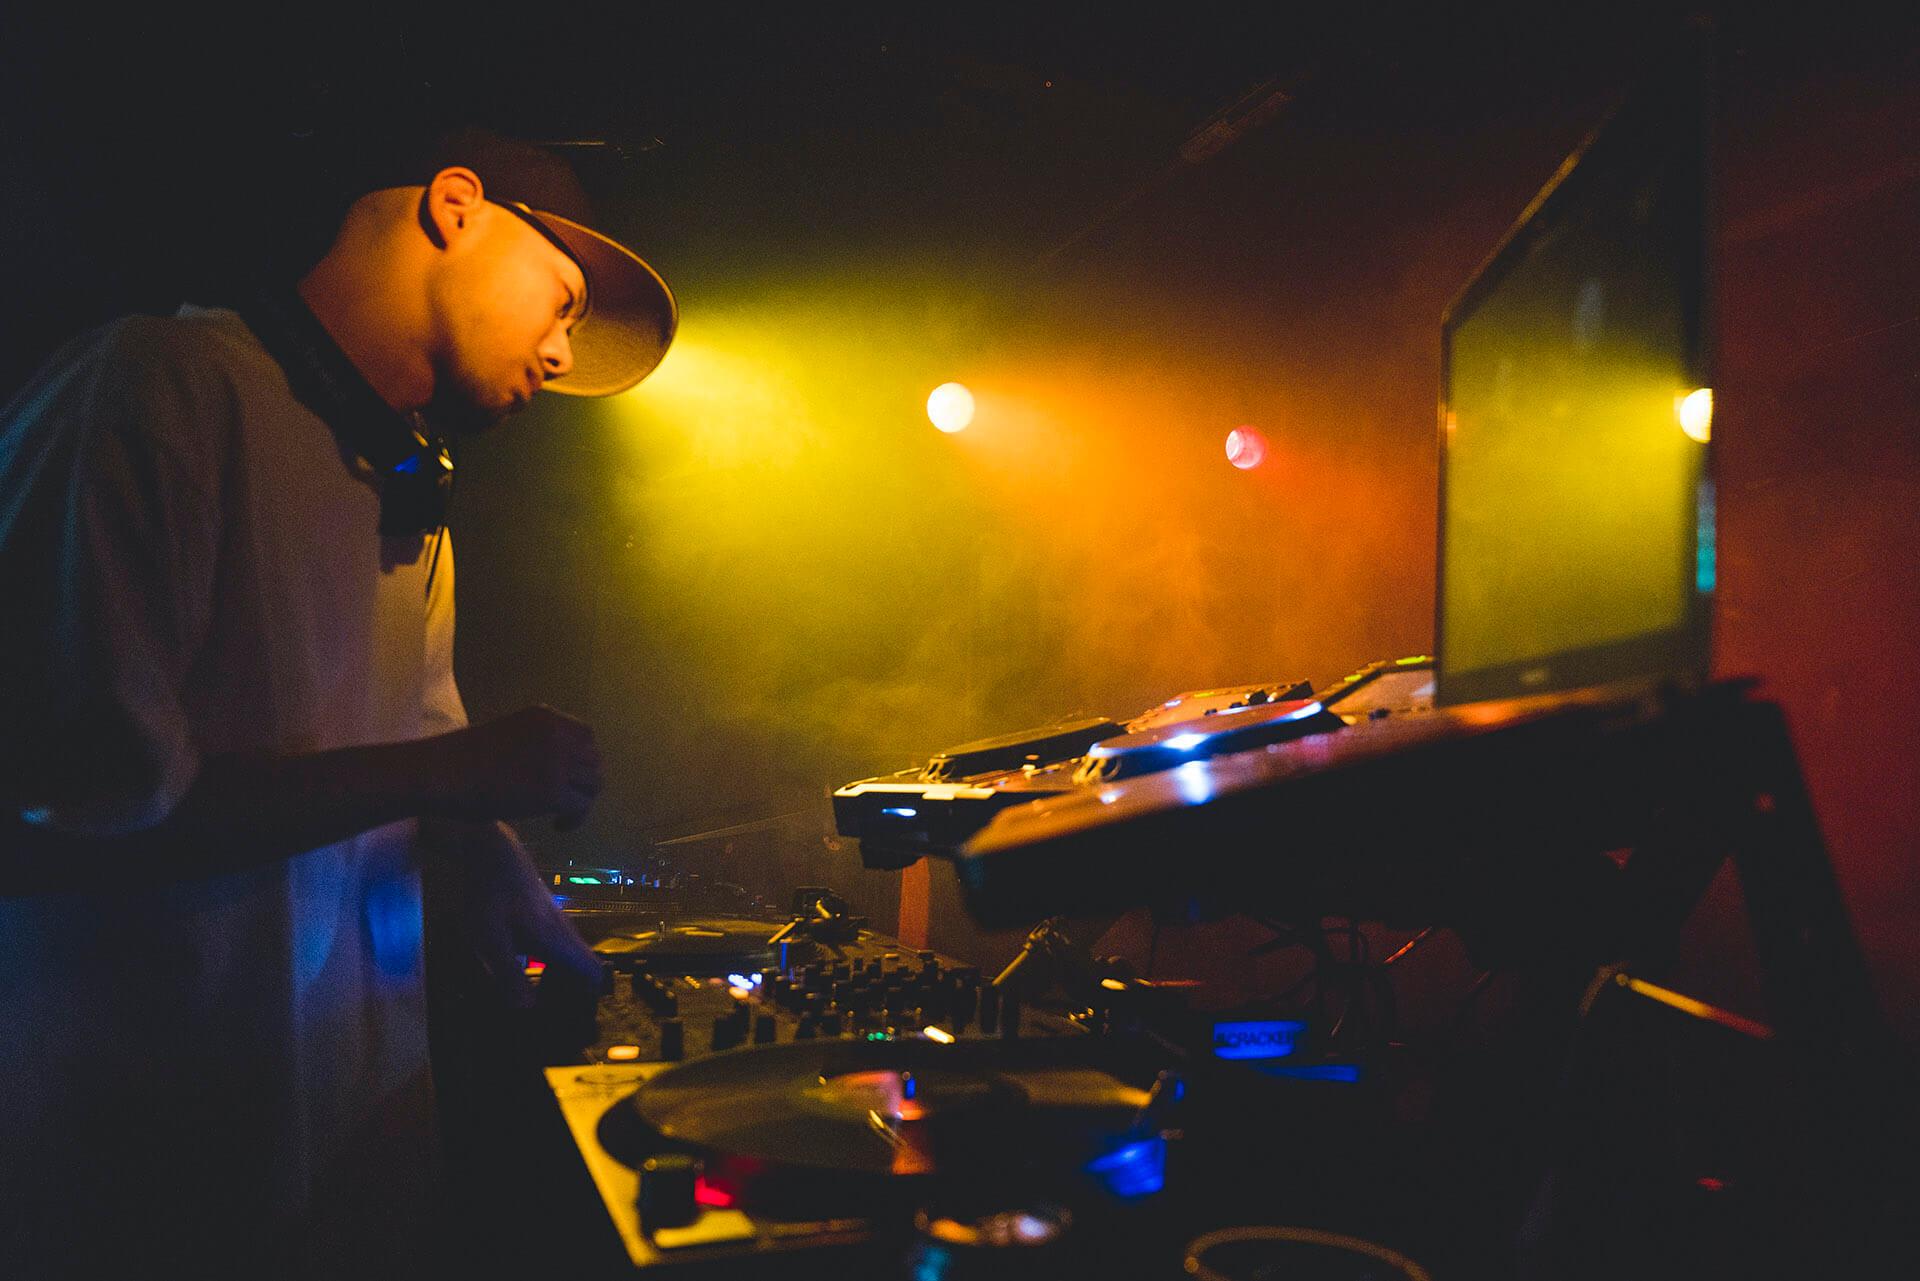 ISSUGIの変名16FLIPとGeorgia Anne Muldrowのコラボ曲が7EPで限定リリース!DJ SCRATCH NICEによるリミックスも収録 music200206_16flip7ep_1